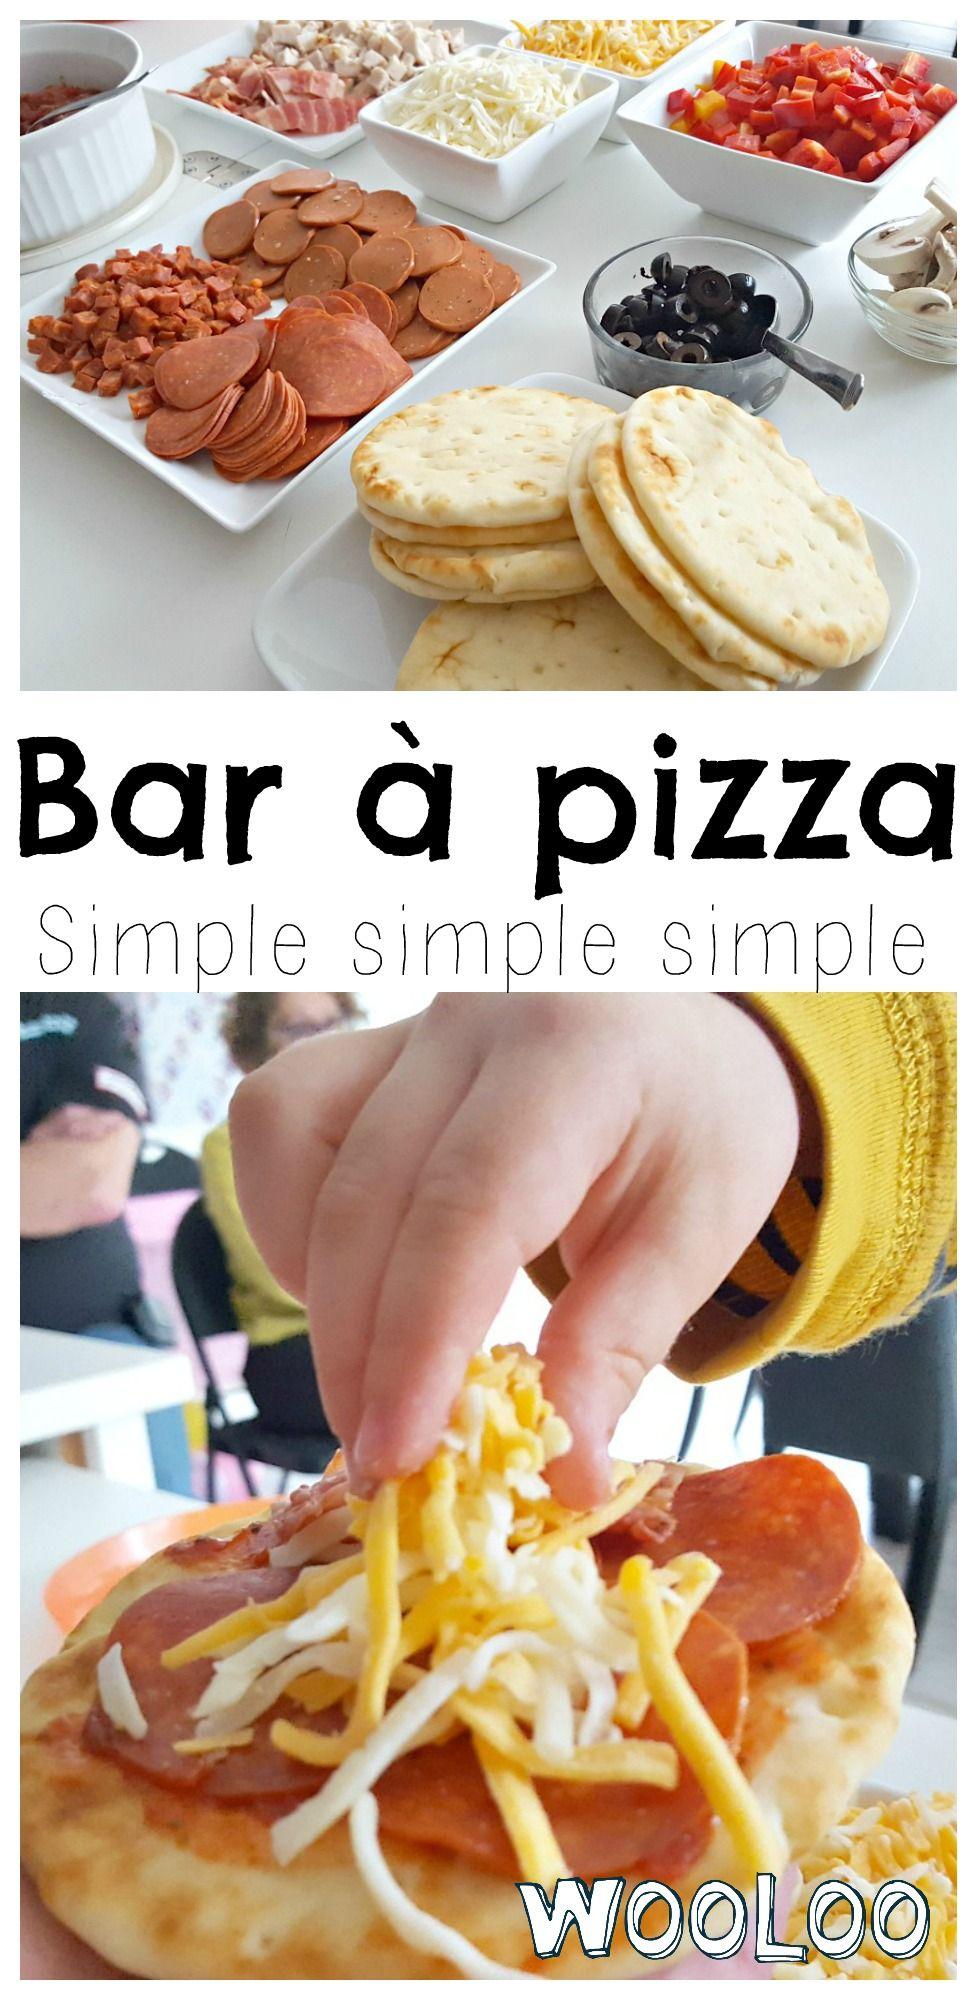 Idée Repas 15 Personnes Bar à Pizza simple simple simple | Recette | Idée repas fête